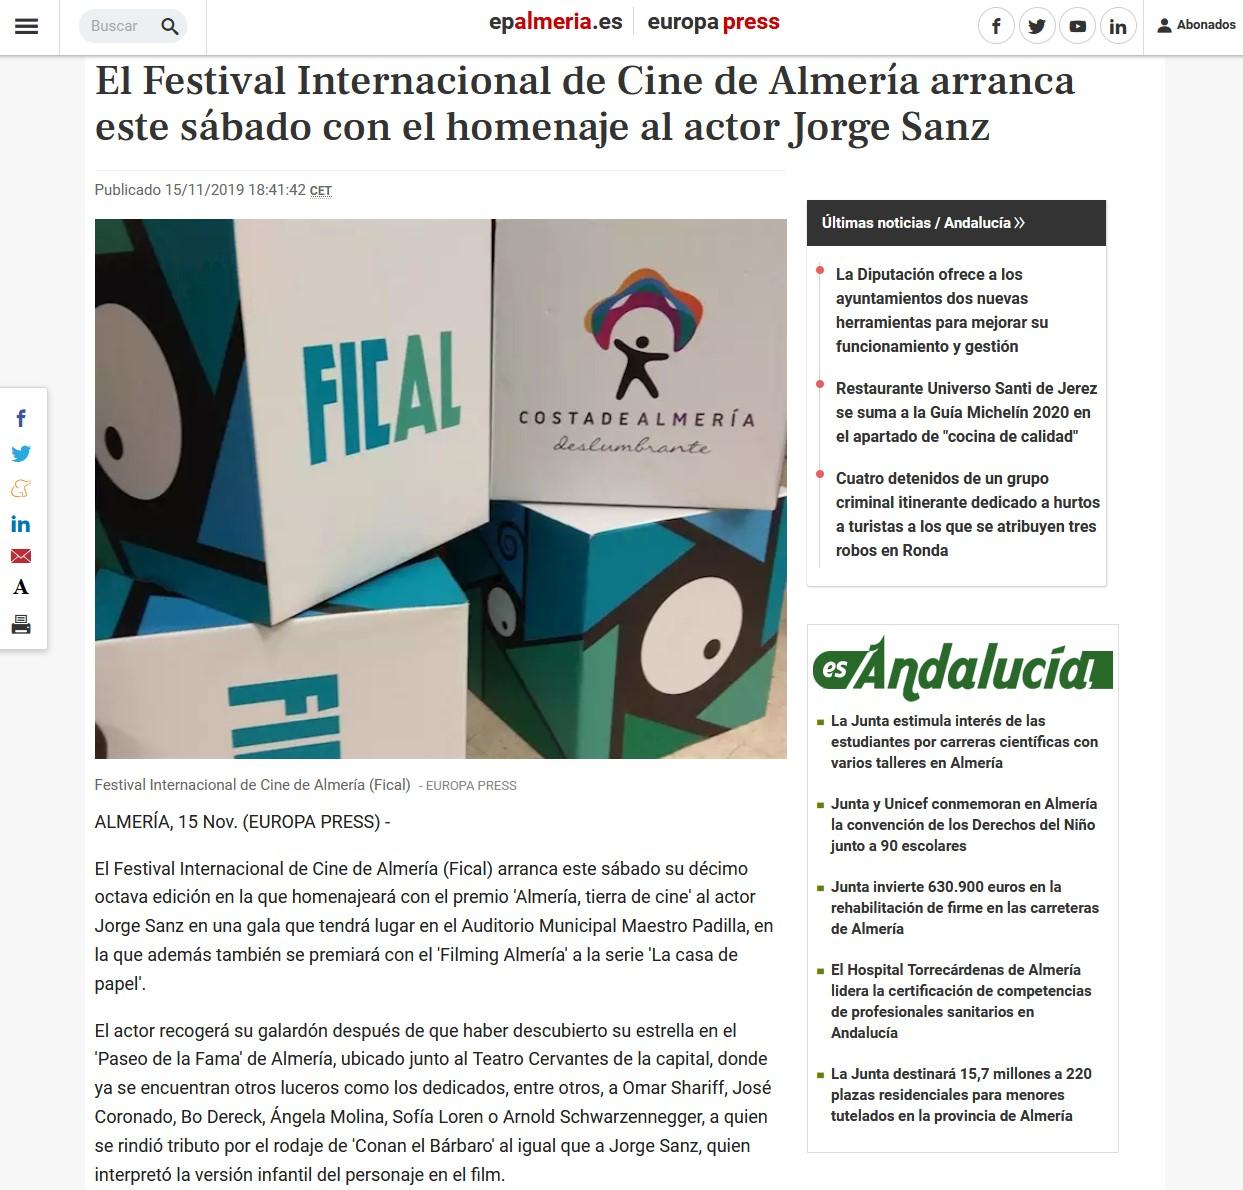 El Festival Internacional de Cine de Almería arranca este sábado con el homenaje al actor Jorge Sanz